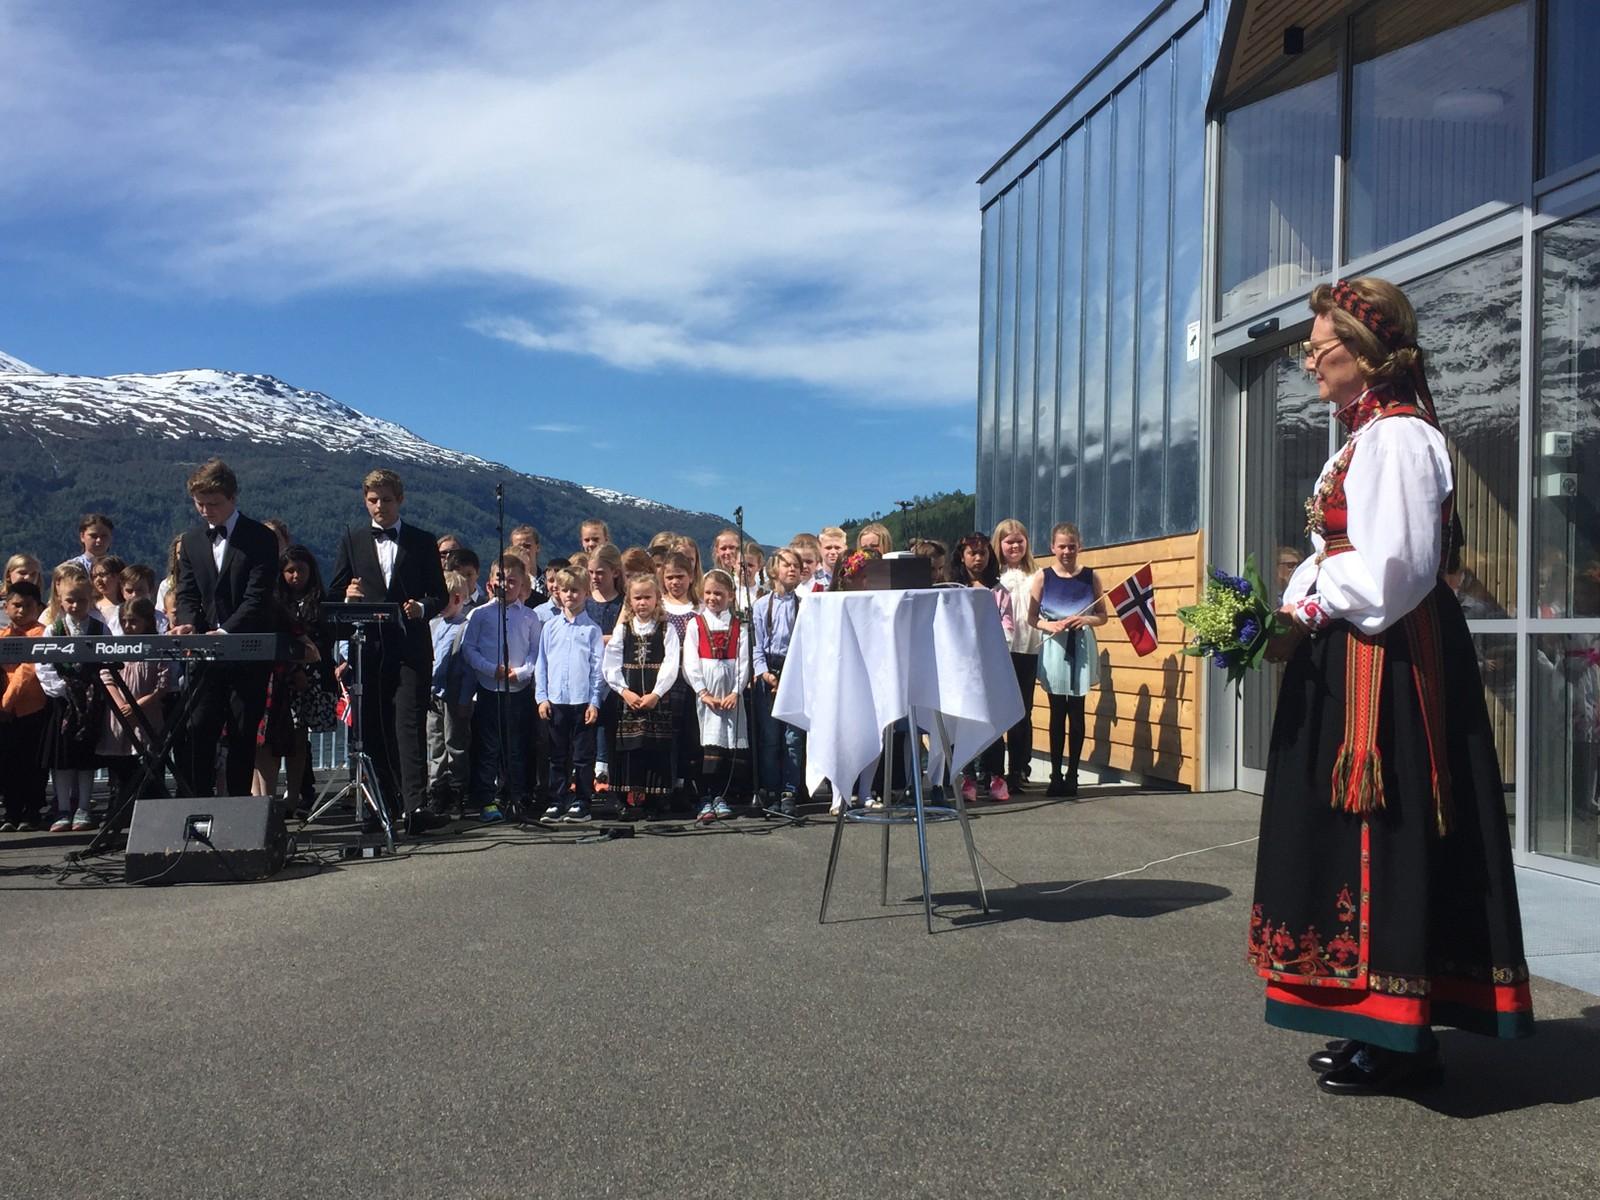 SKUELYSTNE: Mange hadde møtt opp ved Fjordstasjonen i Loen for å sjå den offisielle opninga av Loen Skylift.